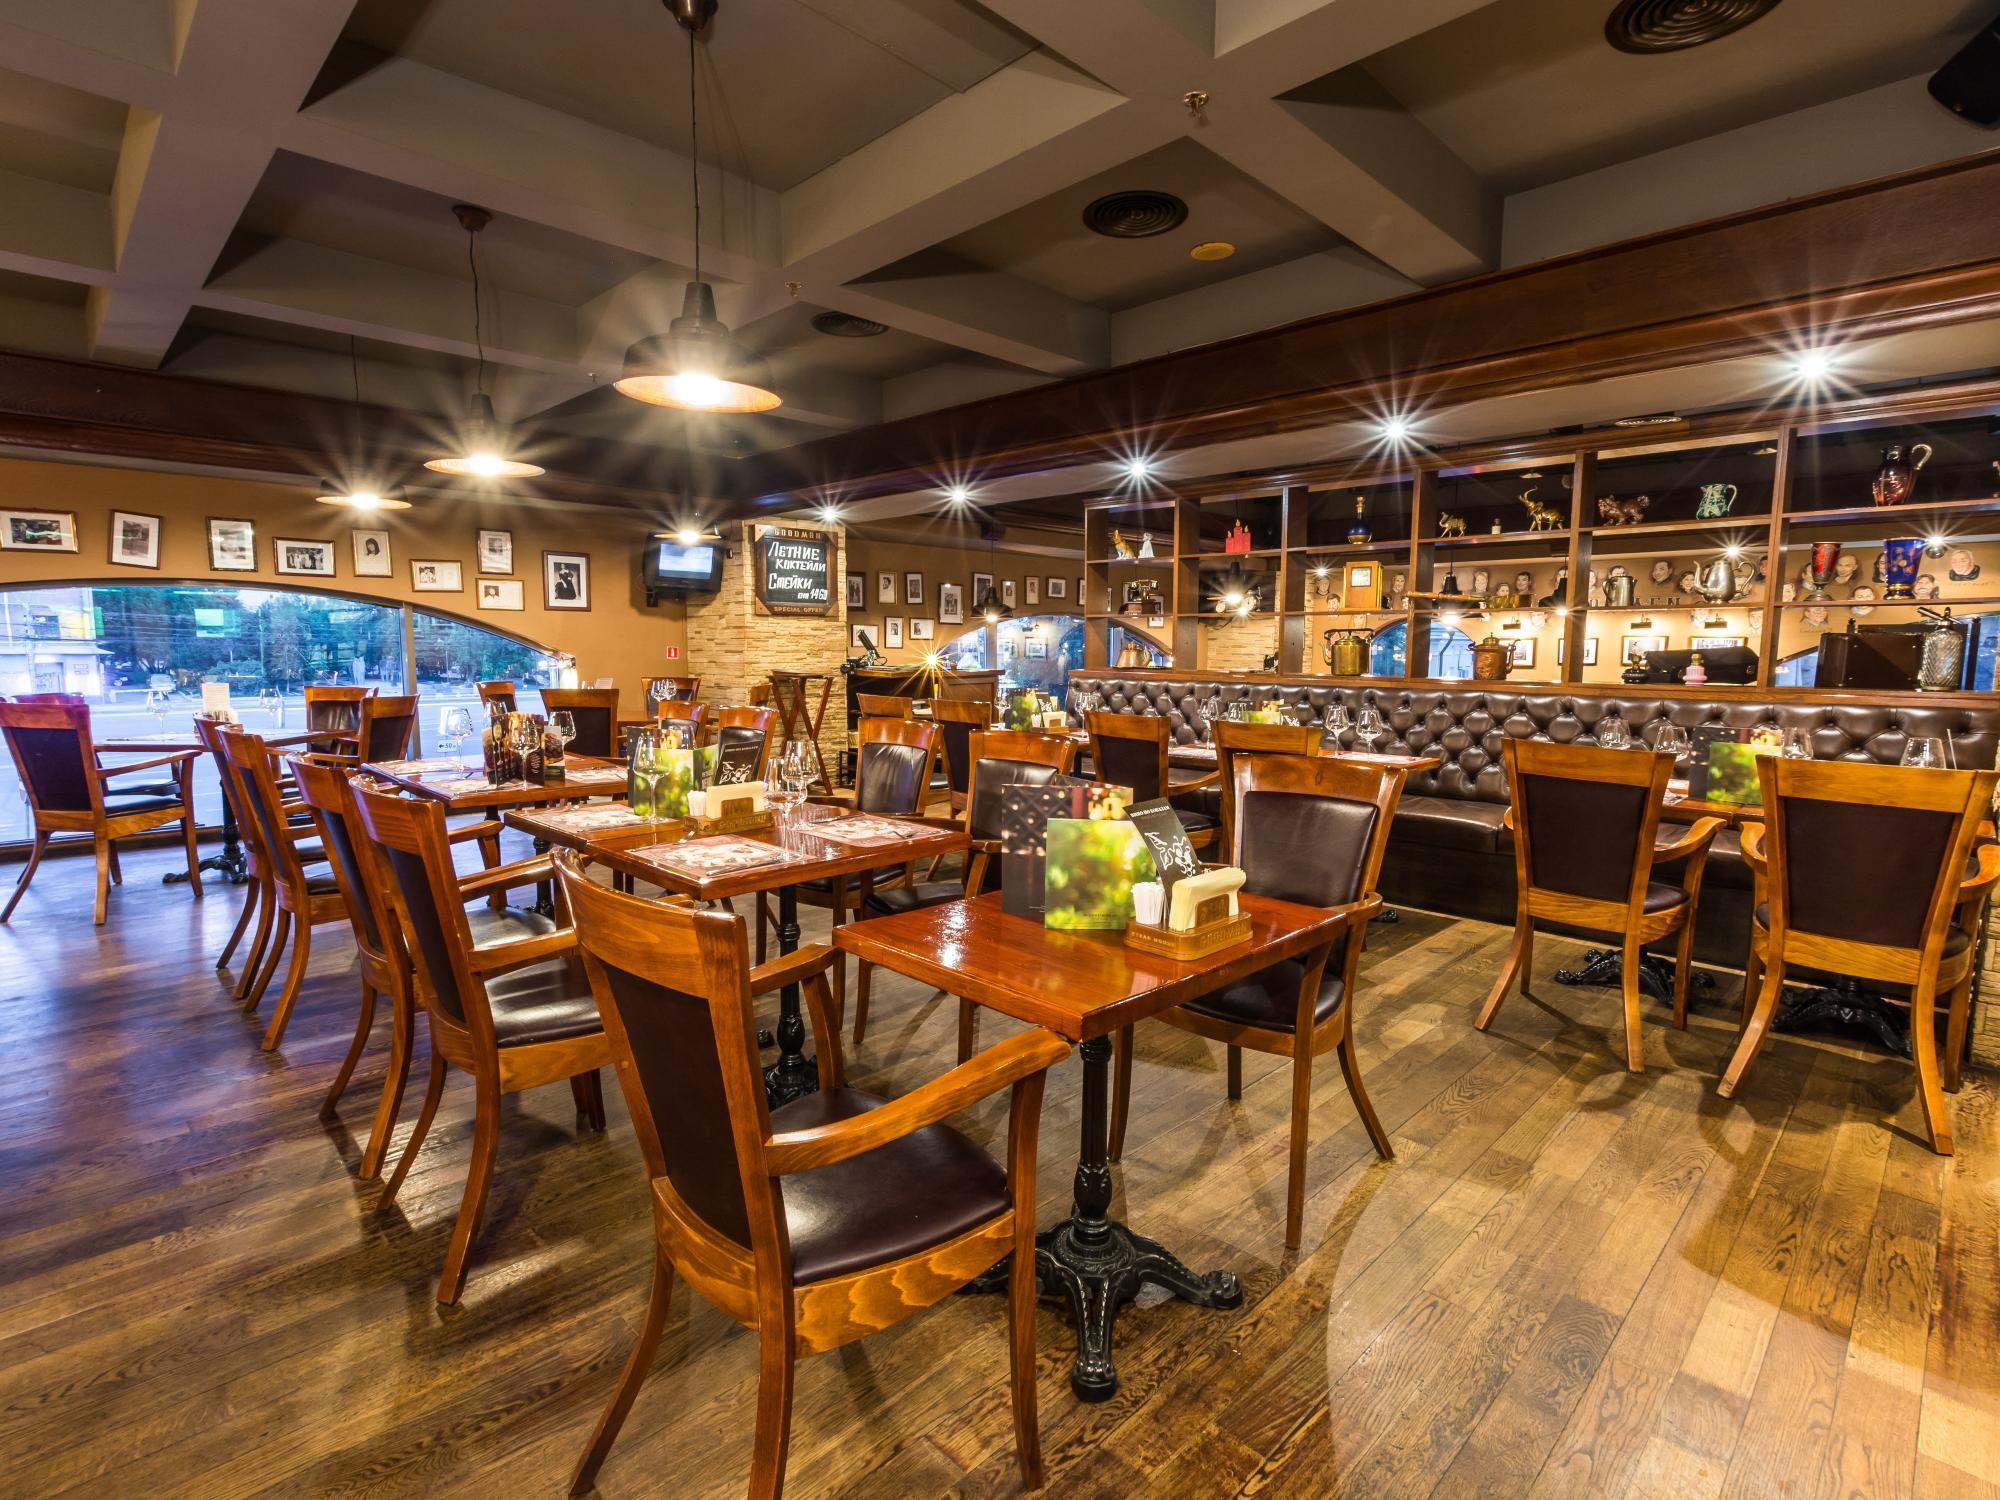 фотография Стейк-хауса Goodman & Goodwine Bar в ТЦ Новинский пассаж